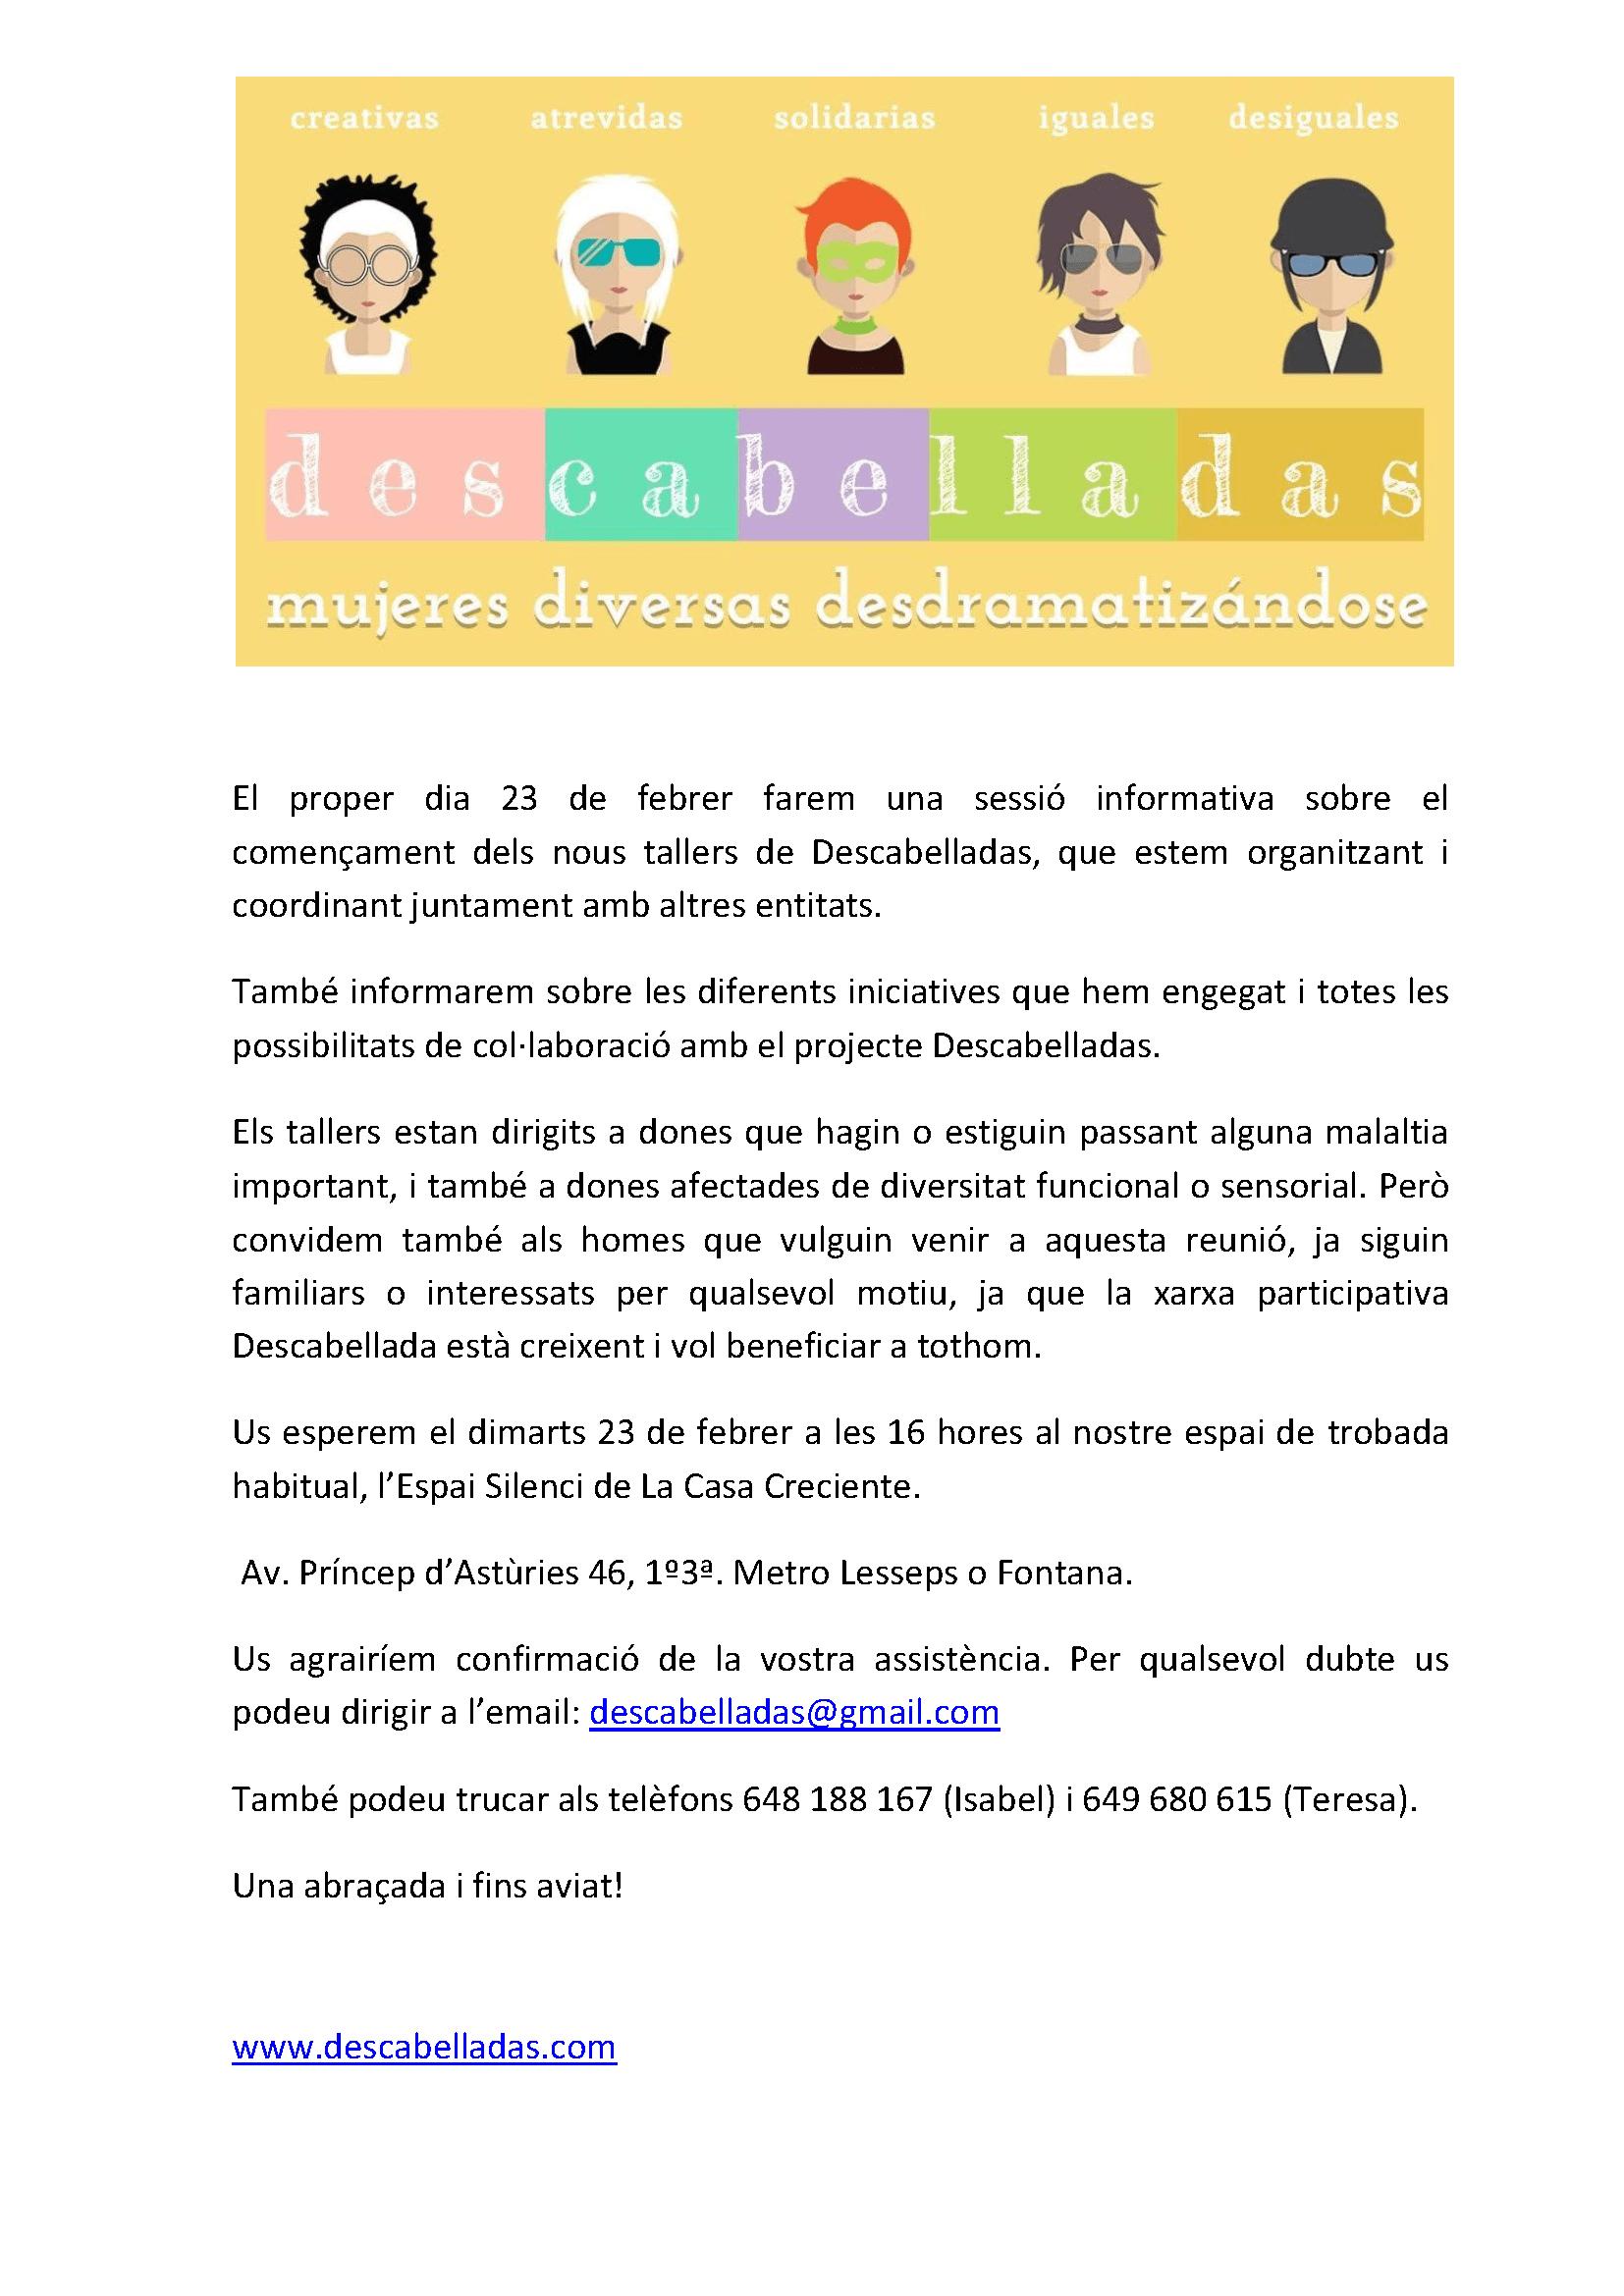 Les Descabelladas realitzen una xerrada informativa el dijous 23 de febrer sobre l'inici dels nous tallers